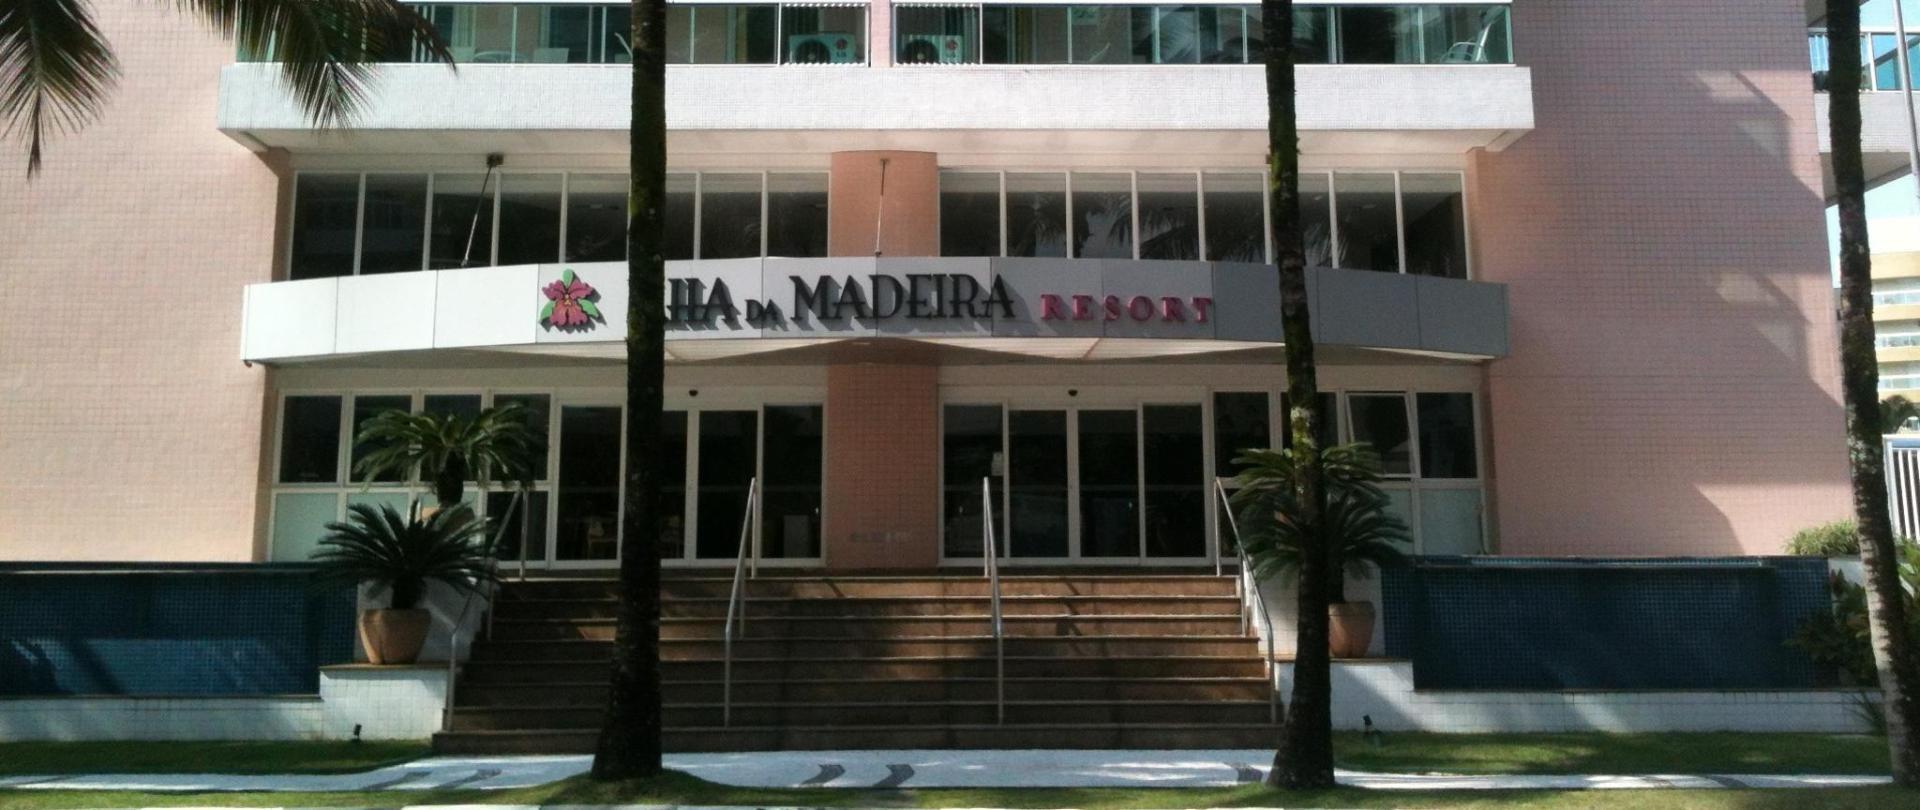 Island of Madeira Resort